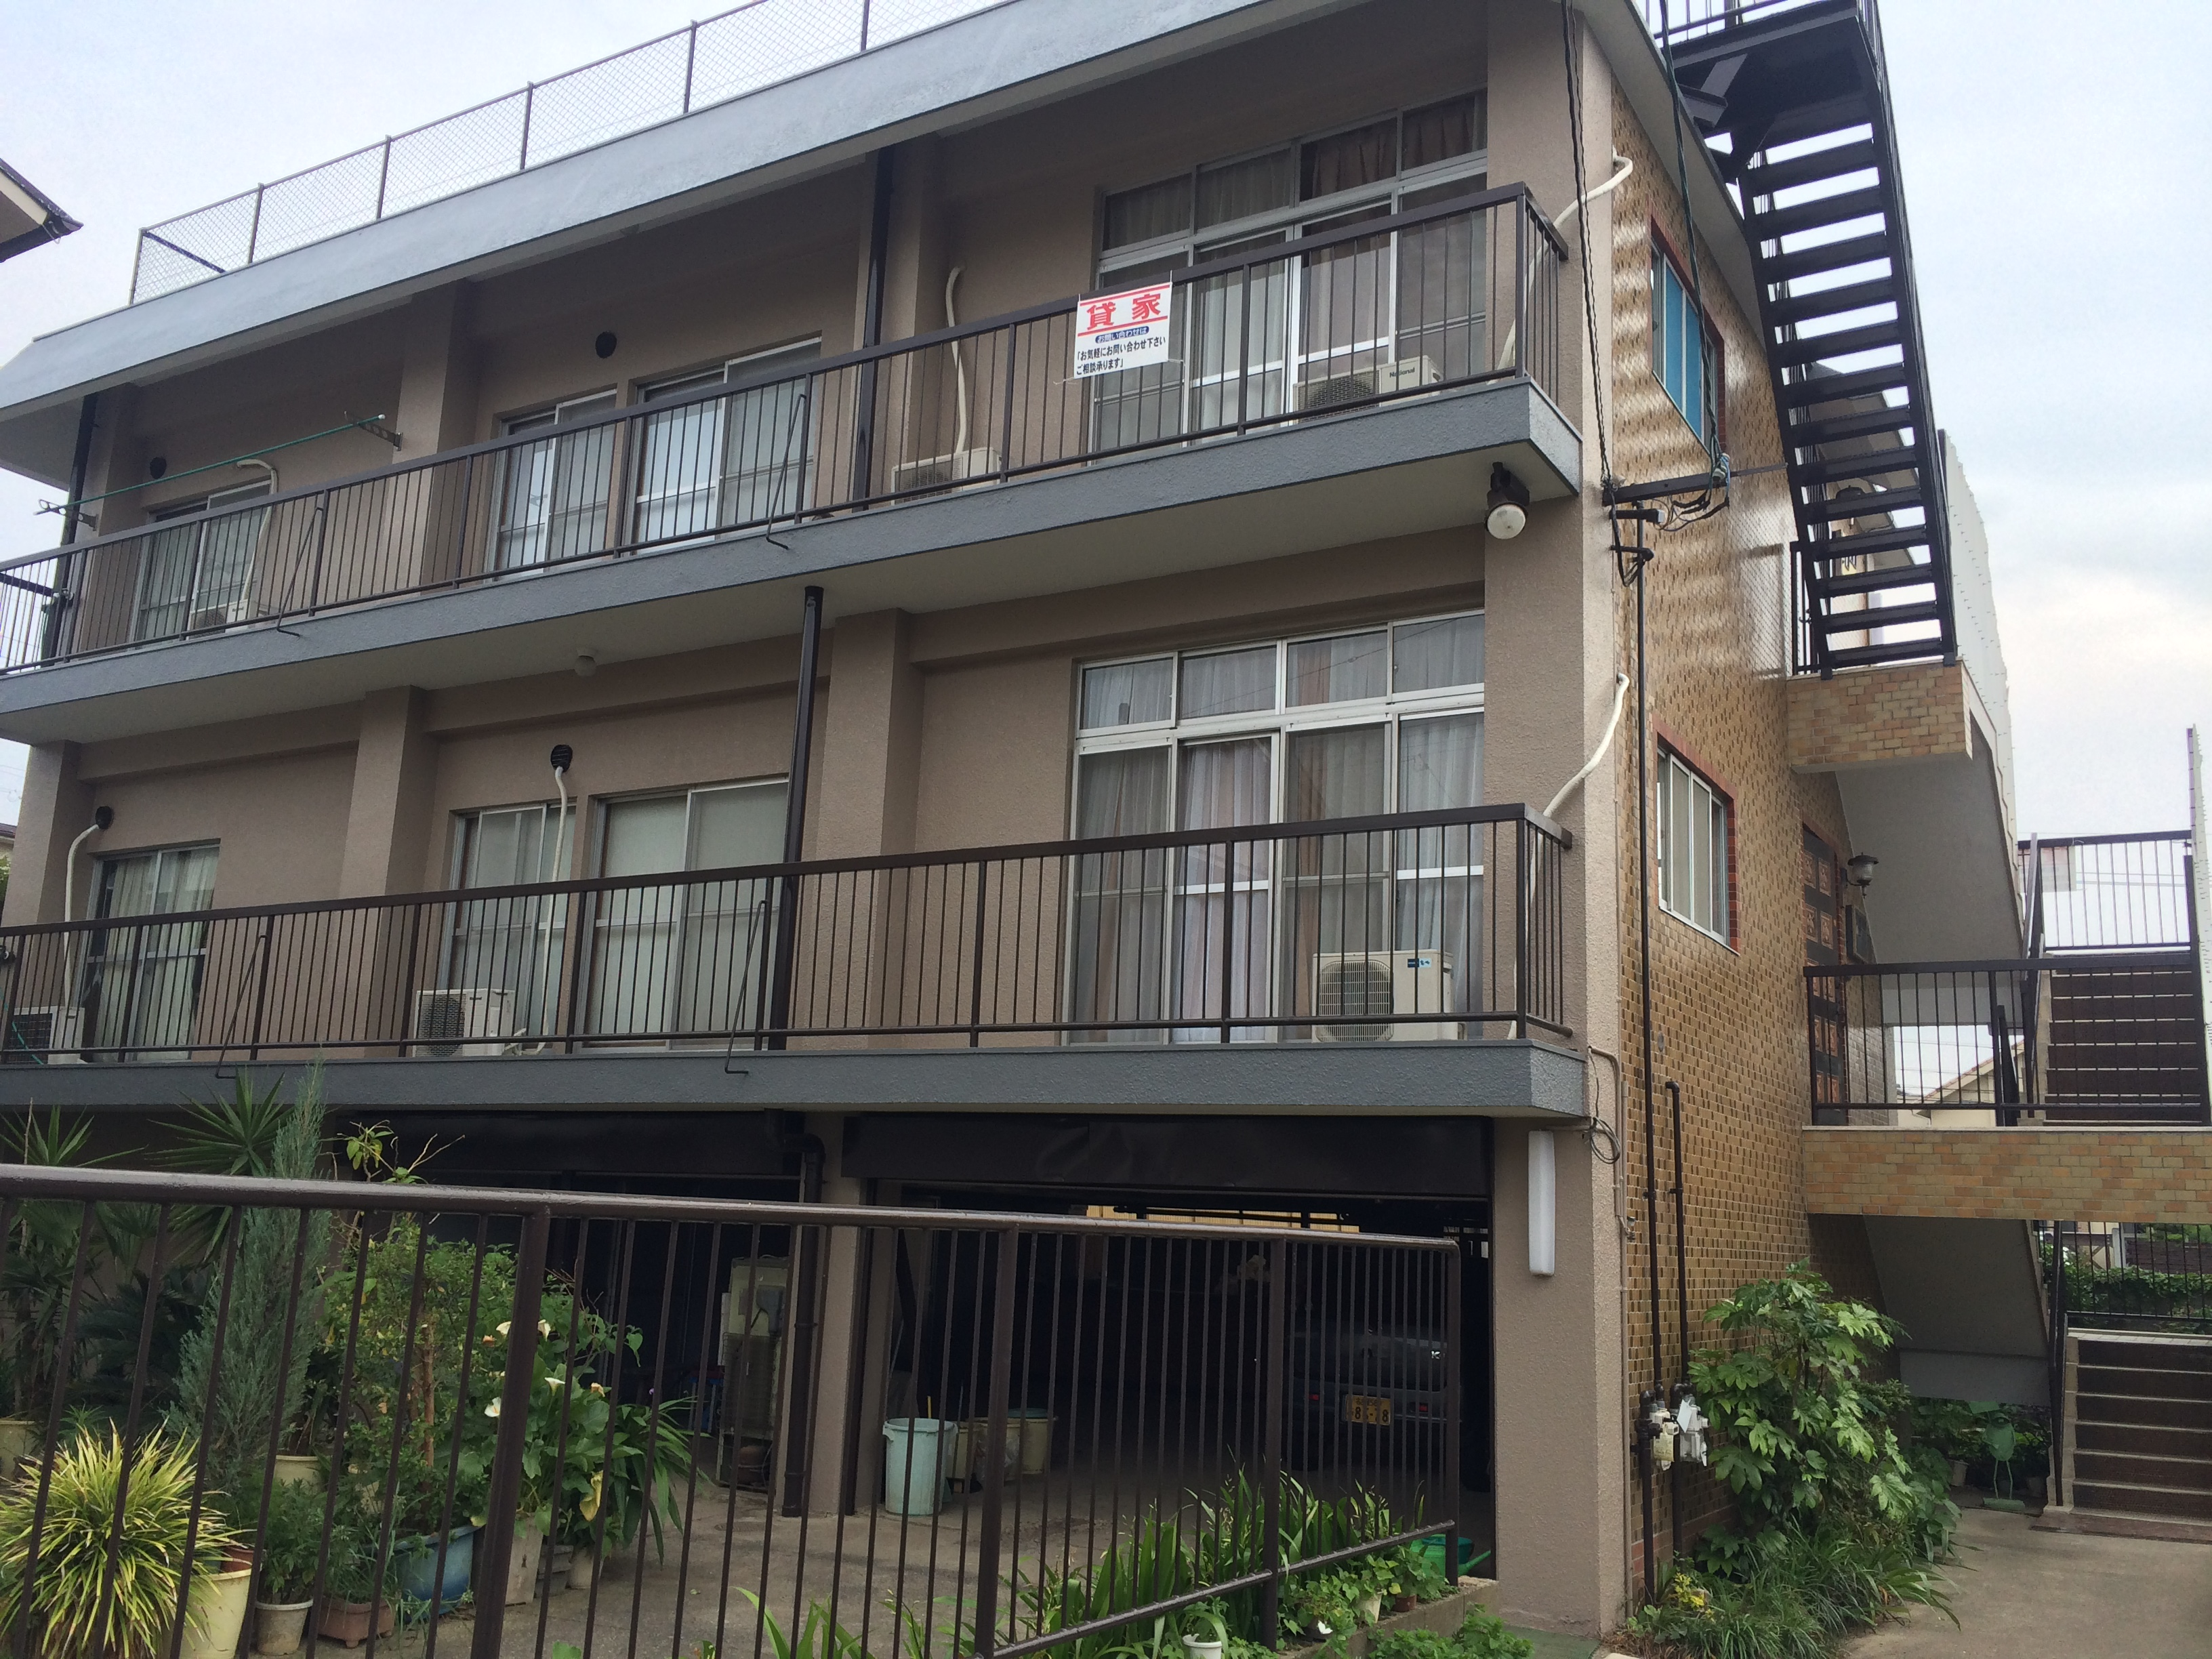 名古屋市名東区、T様邸 外壁塗装工事をご紹介させていただきます。 築40年。外壁の旧塗膜がボロボロ...